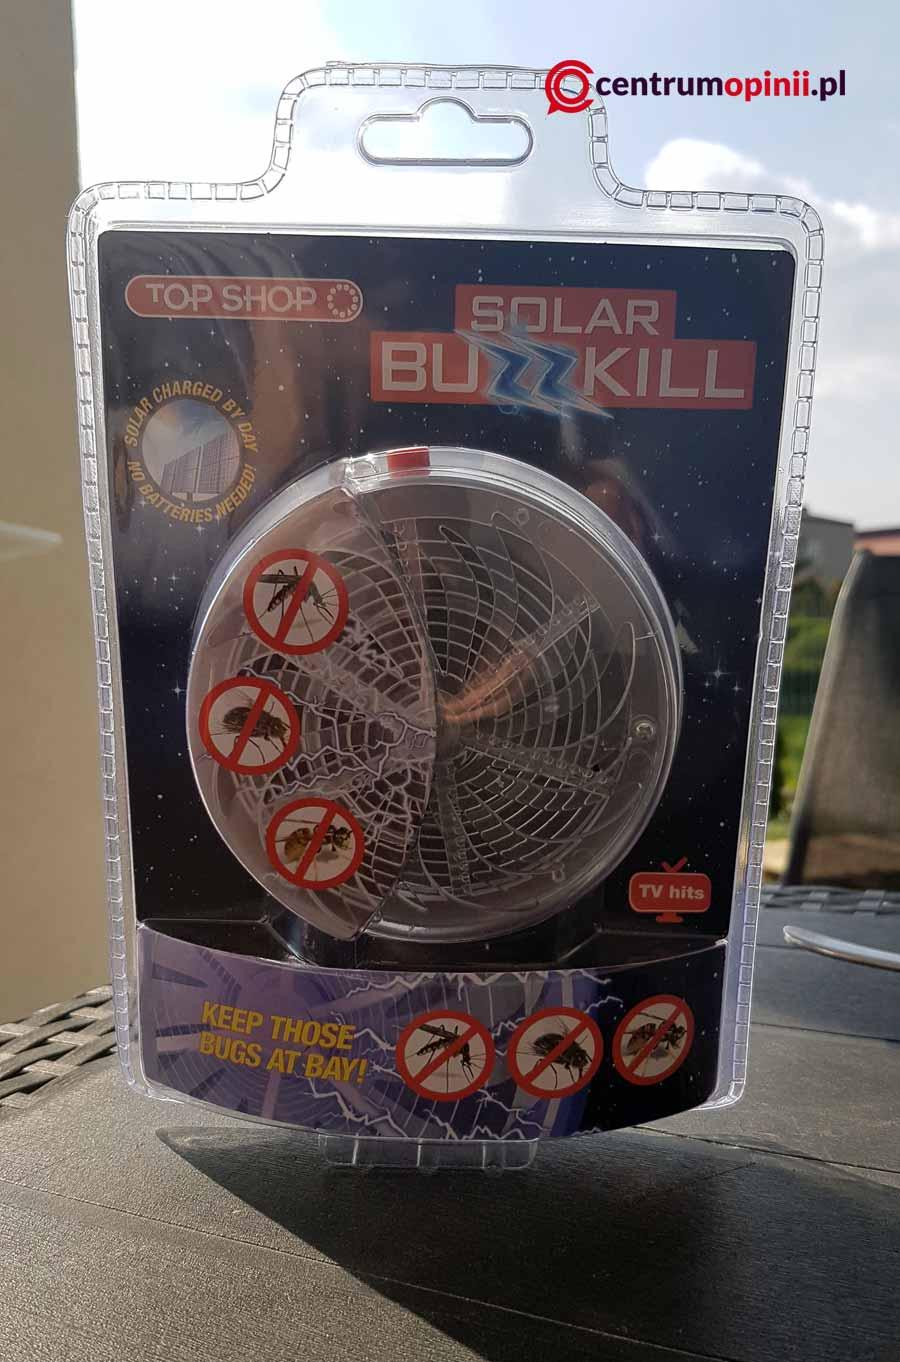 Solar BuzzKill opinie